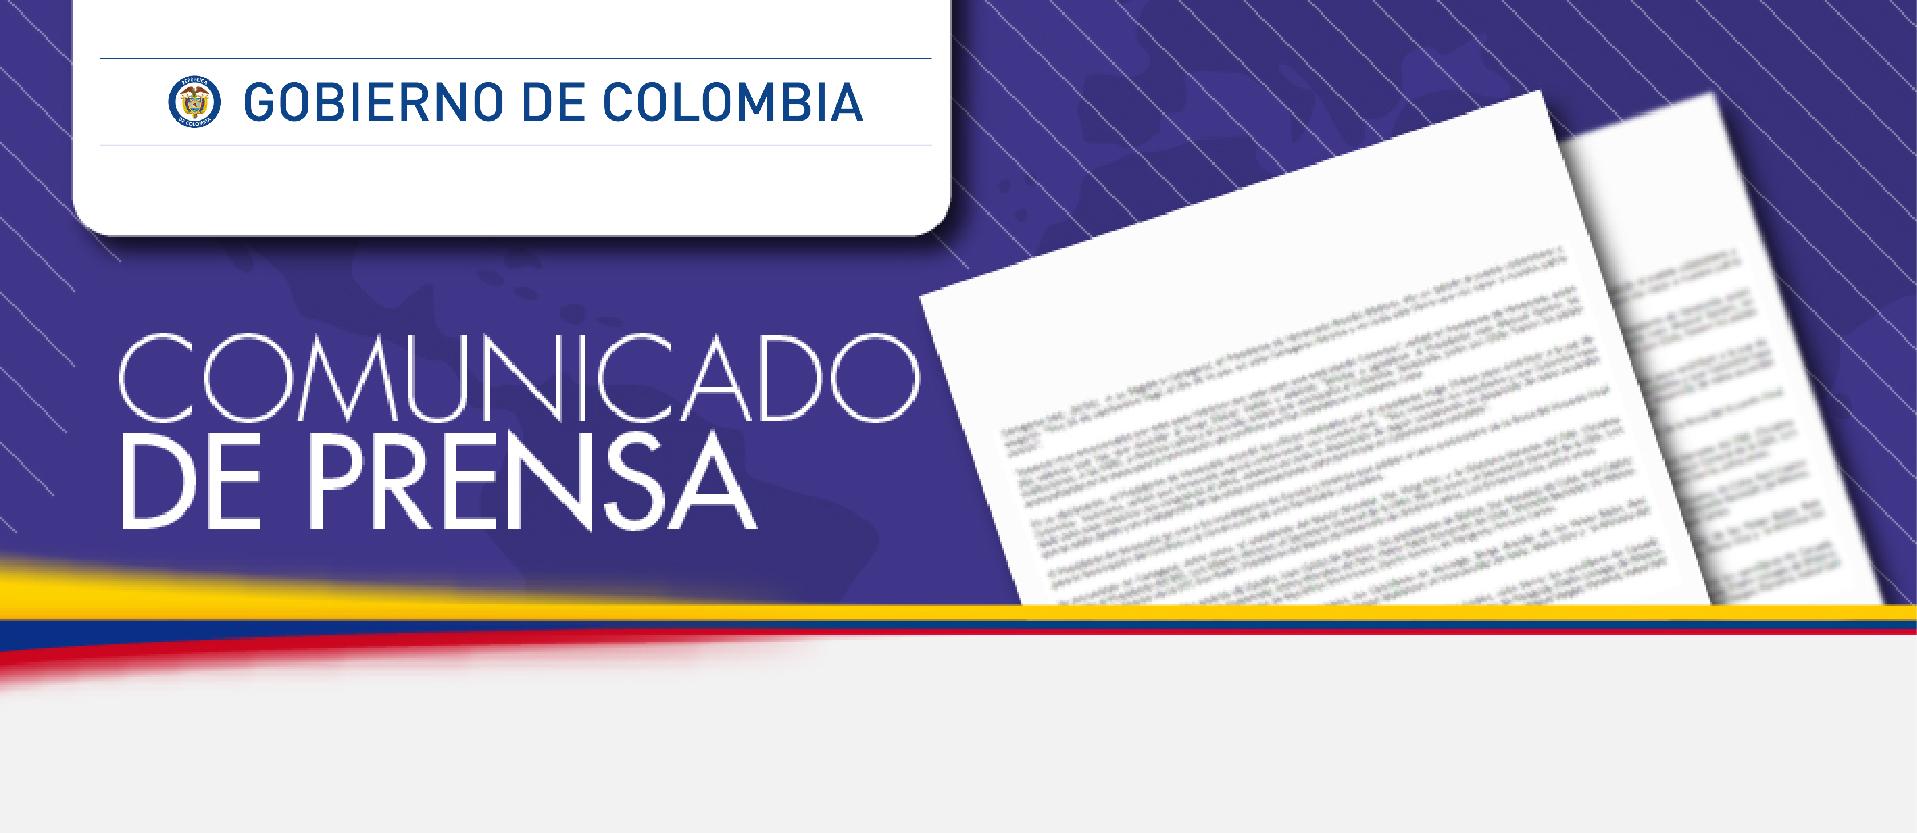 Embajada de colombia en ecuador - Ministerio relaciones exteriores ecuador ...